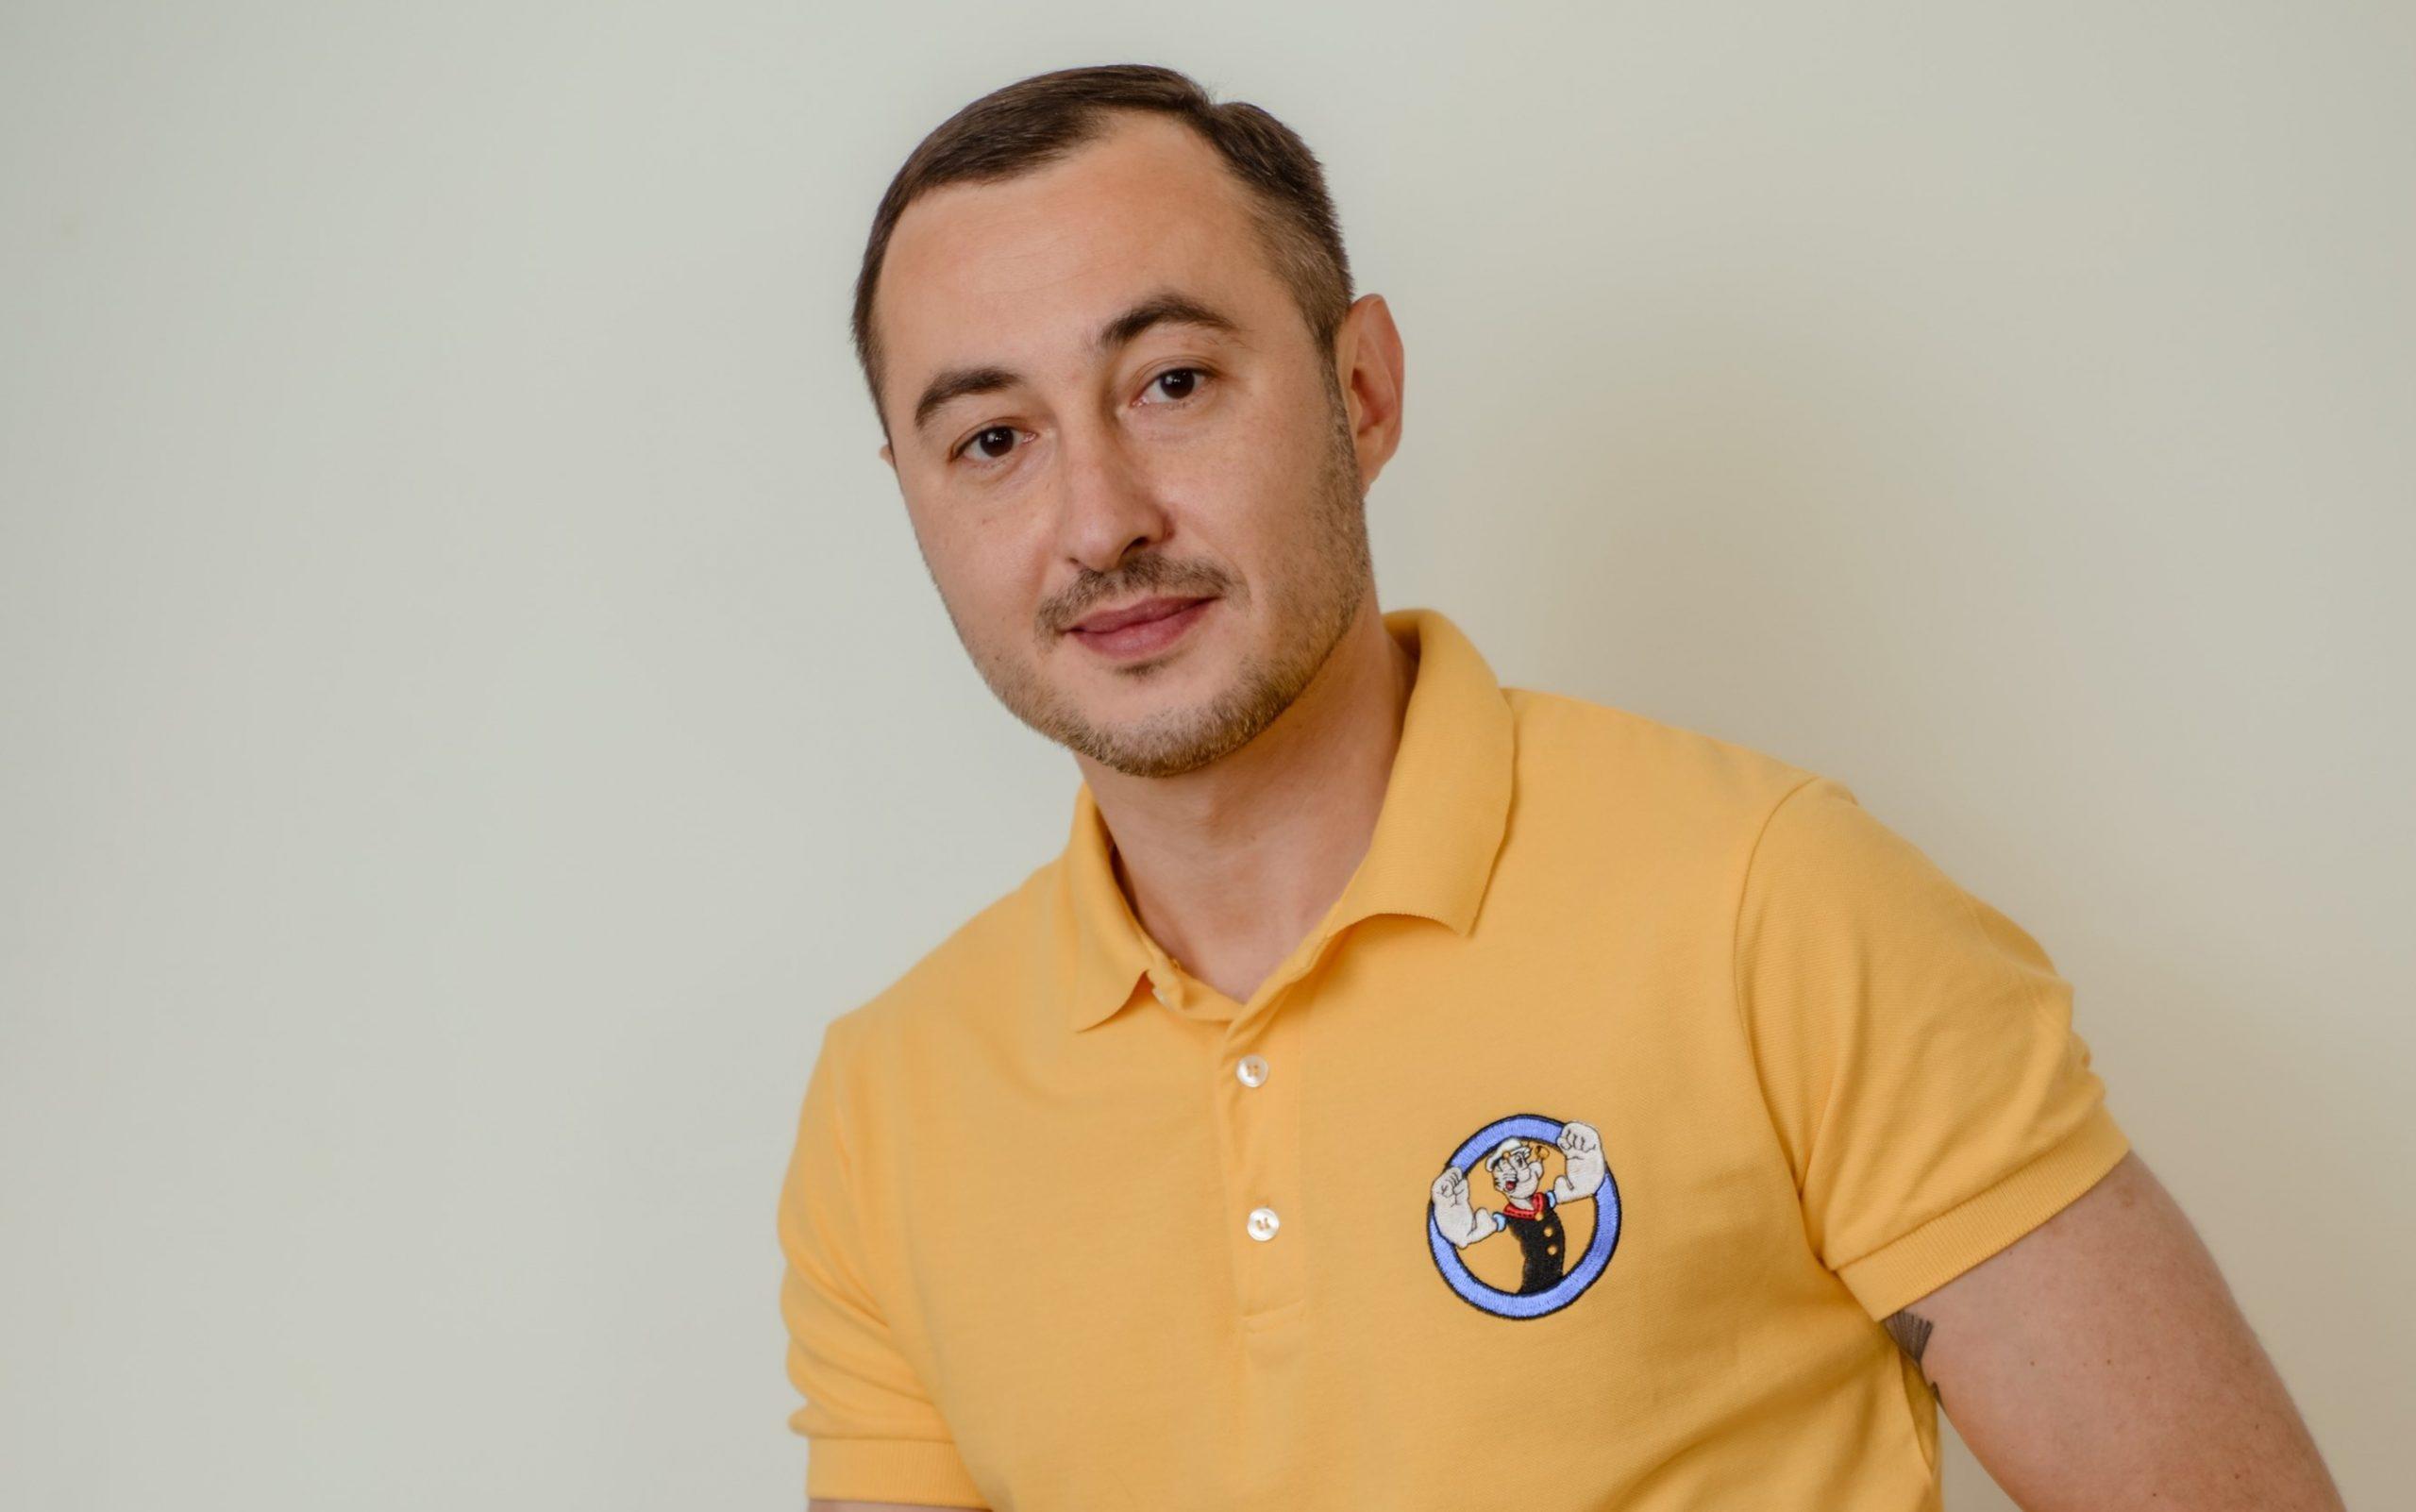 Александр Муратов, основатель Designloft – интернет-магазина дизайнерской мебели, декора и освещения, 41 год